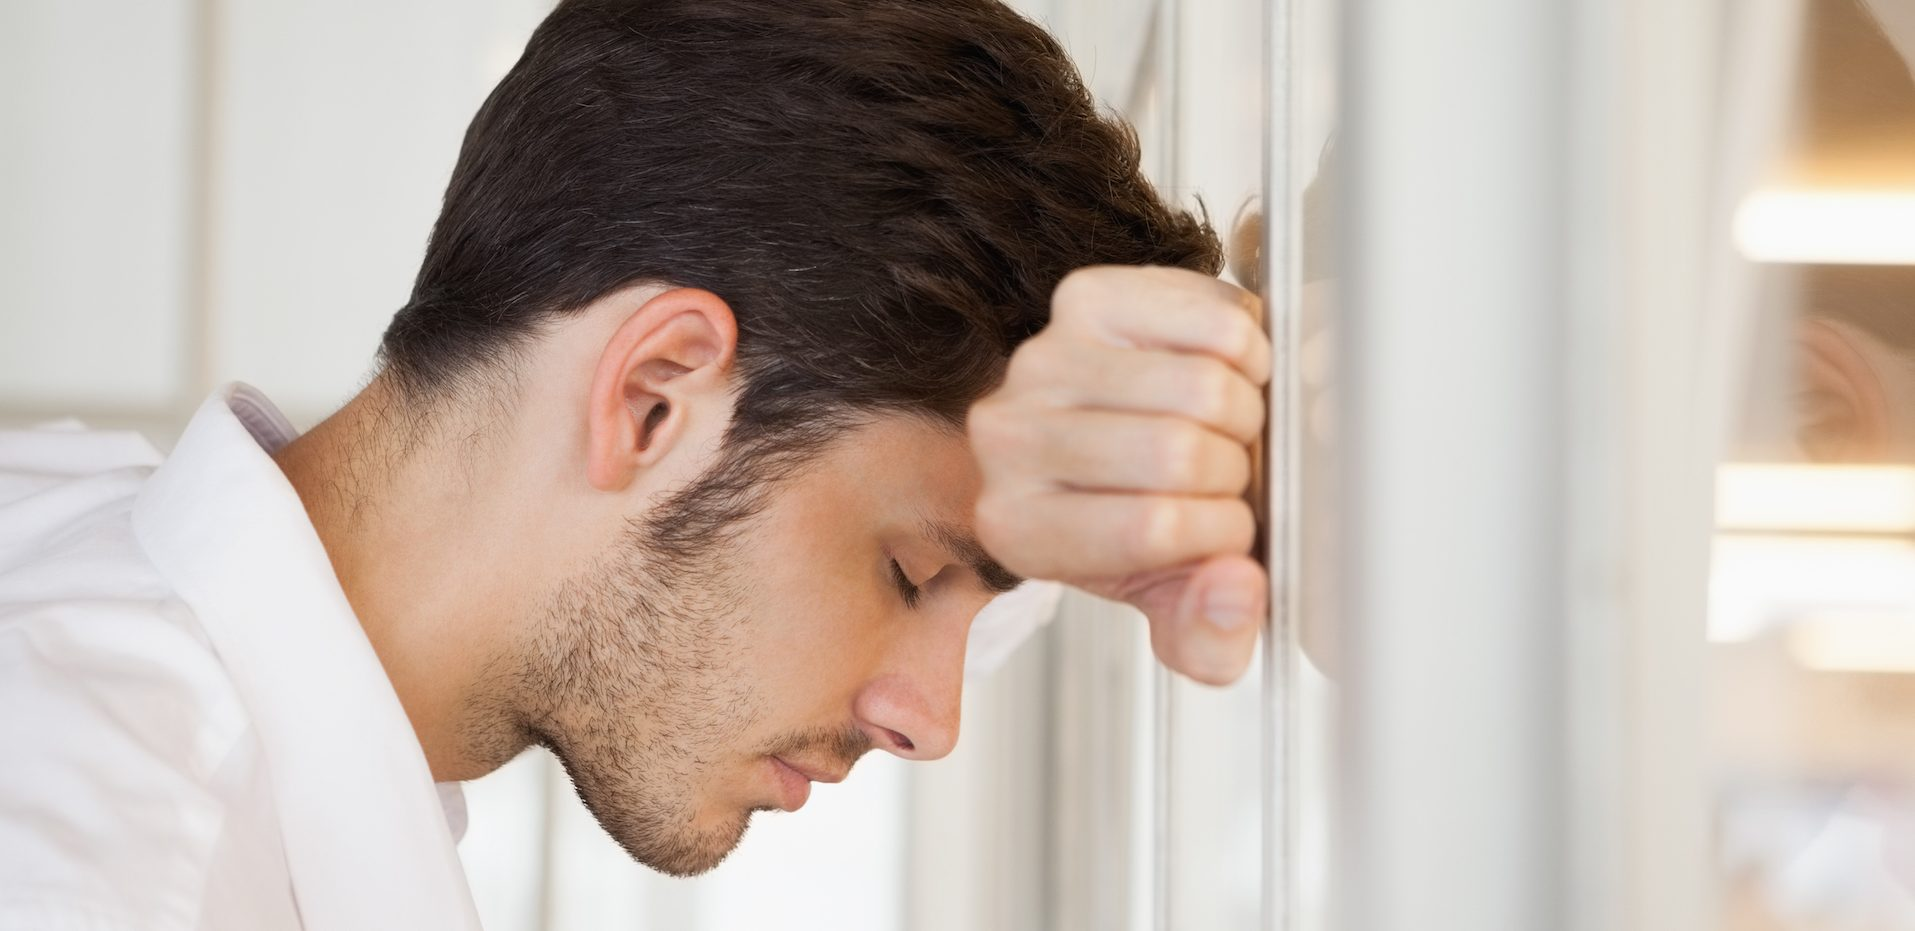 Depresja dotyka też mężczyzn. Faceci tak samo podlegają tej chorobie.